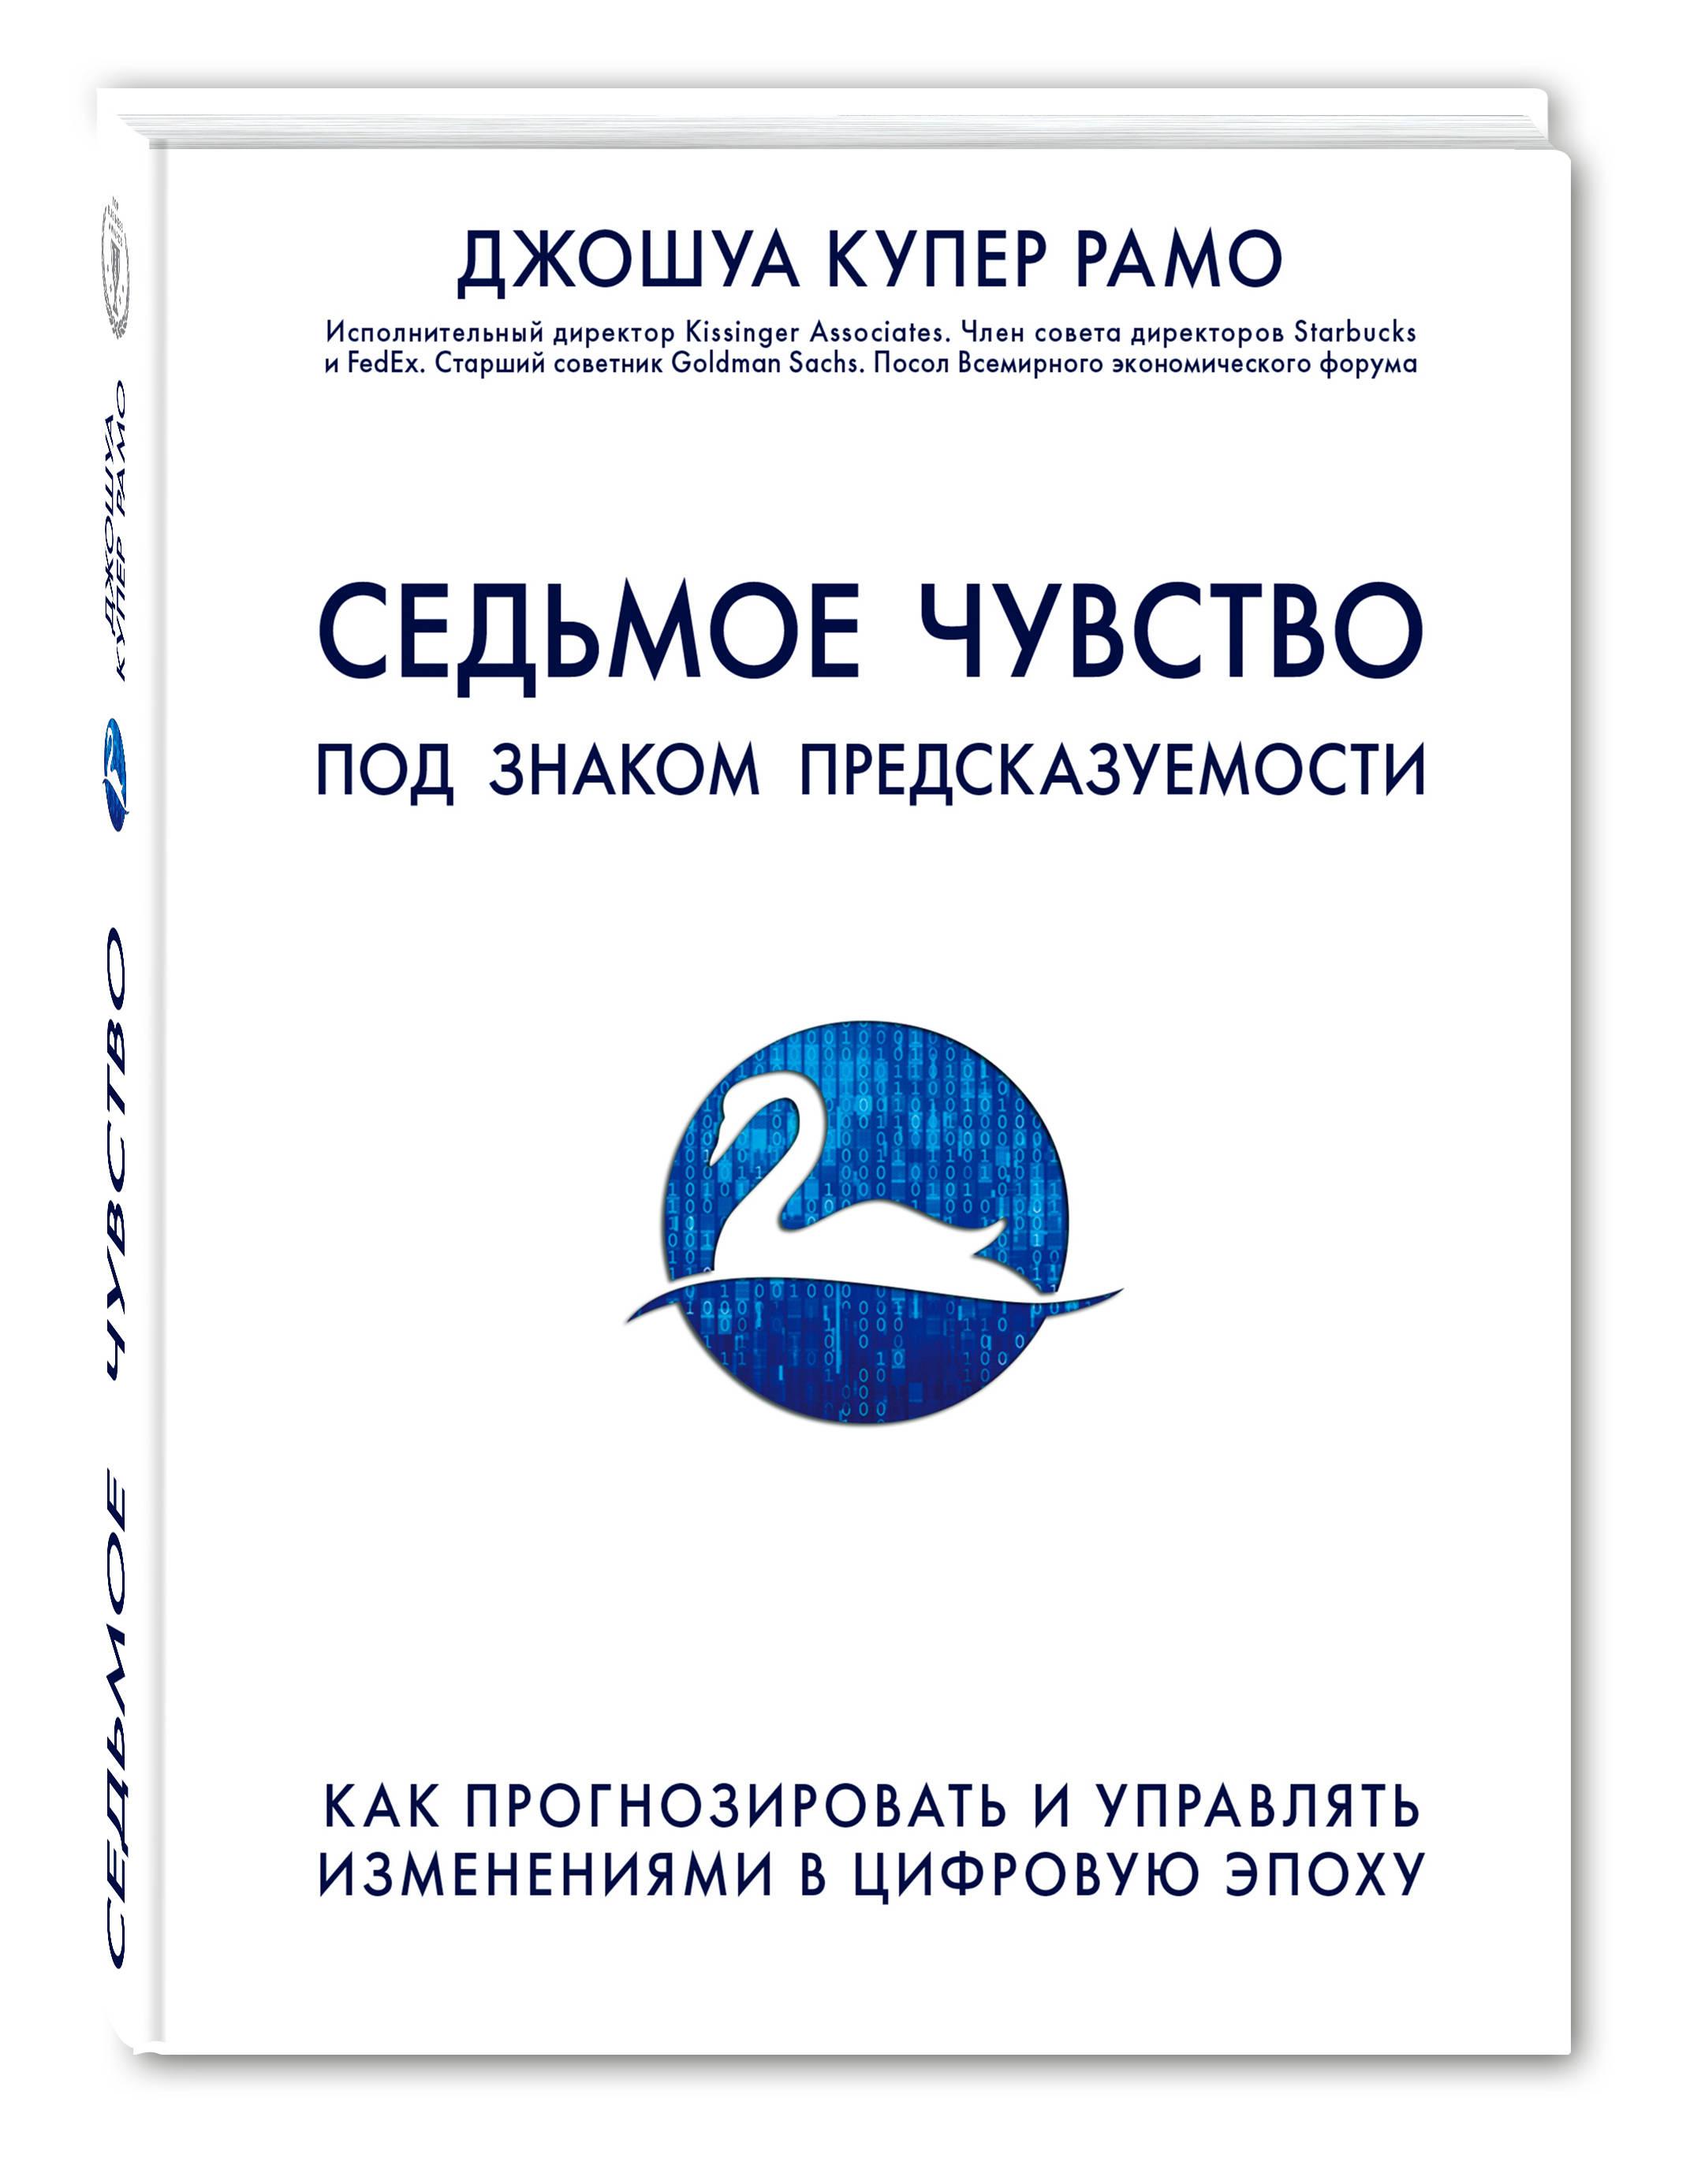 Седьмое чувство. Как прогнозировать и управлять изменениями в цифровую эпоху от book24.ru